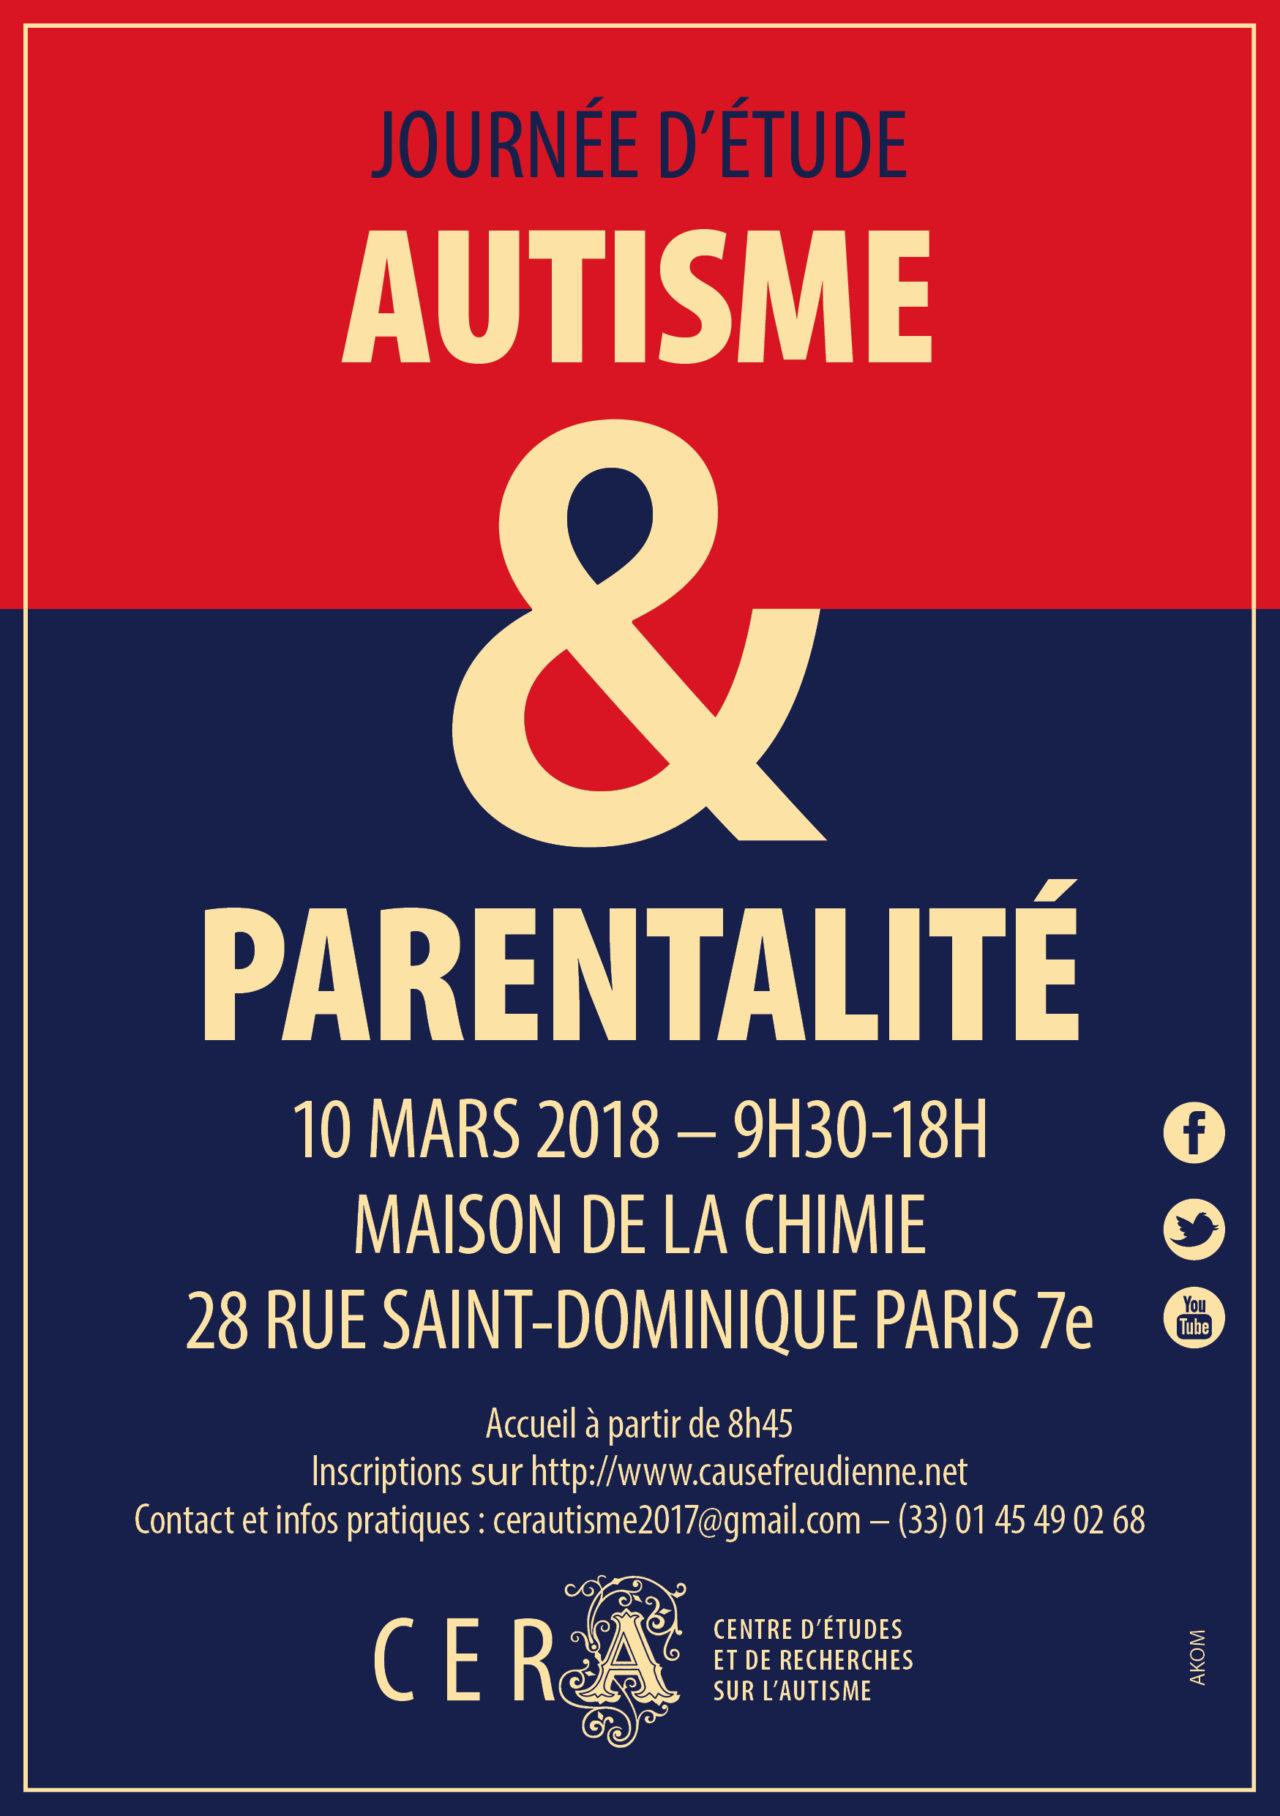 Cera autisme parentalite annonce web 1 1280x1816